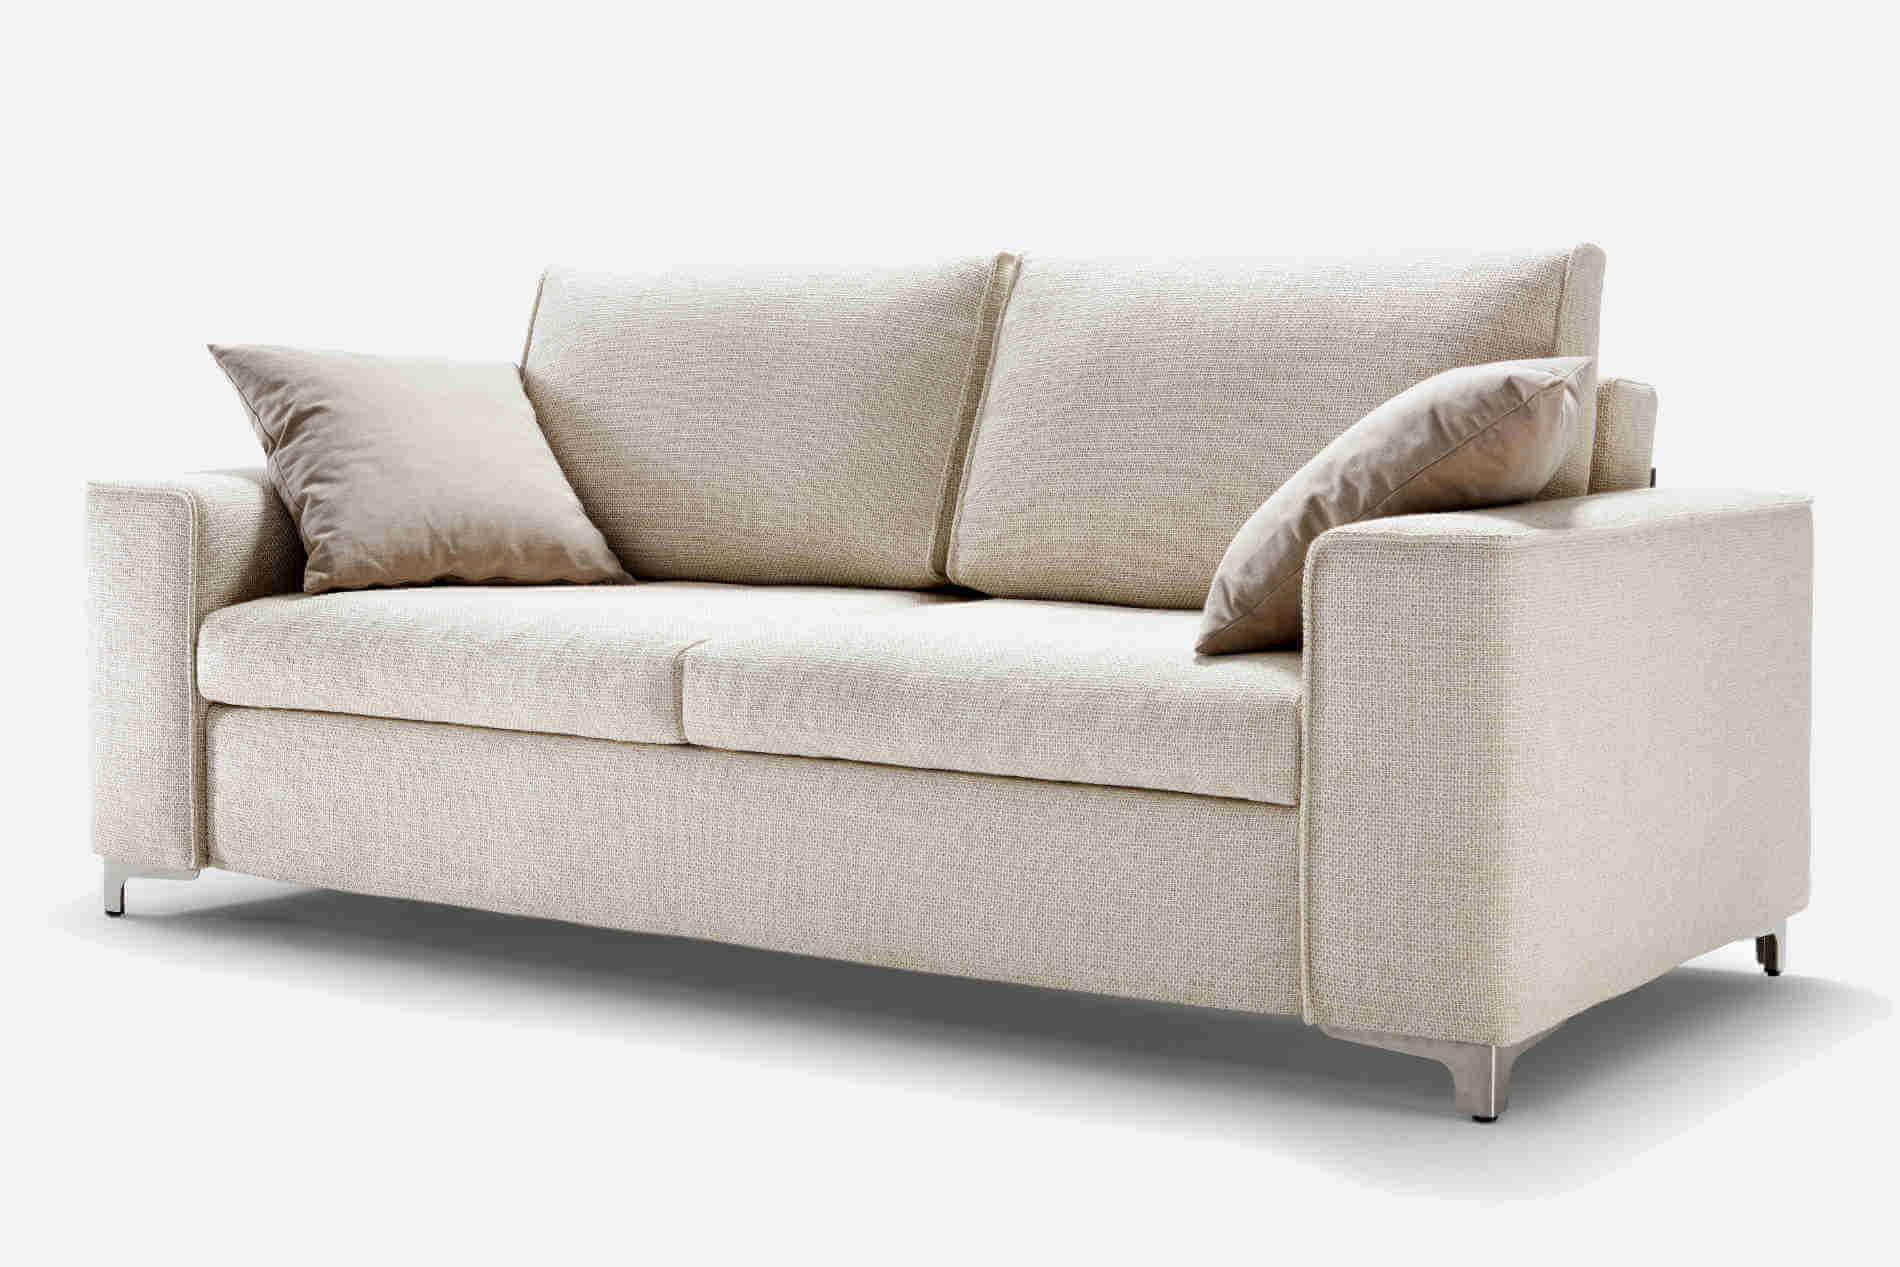 italienische schlafsofas seersucker bettw sche 200x220 beste farbe f r schlafzimmer. Black Bedroom Furniture Sets. Home Design Ideas